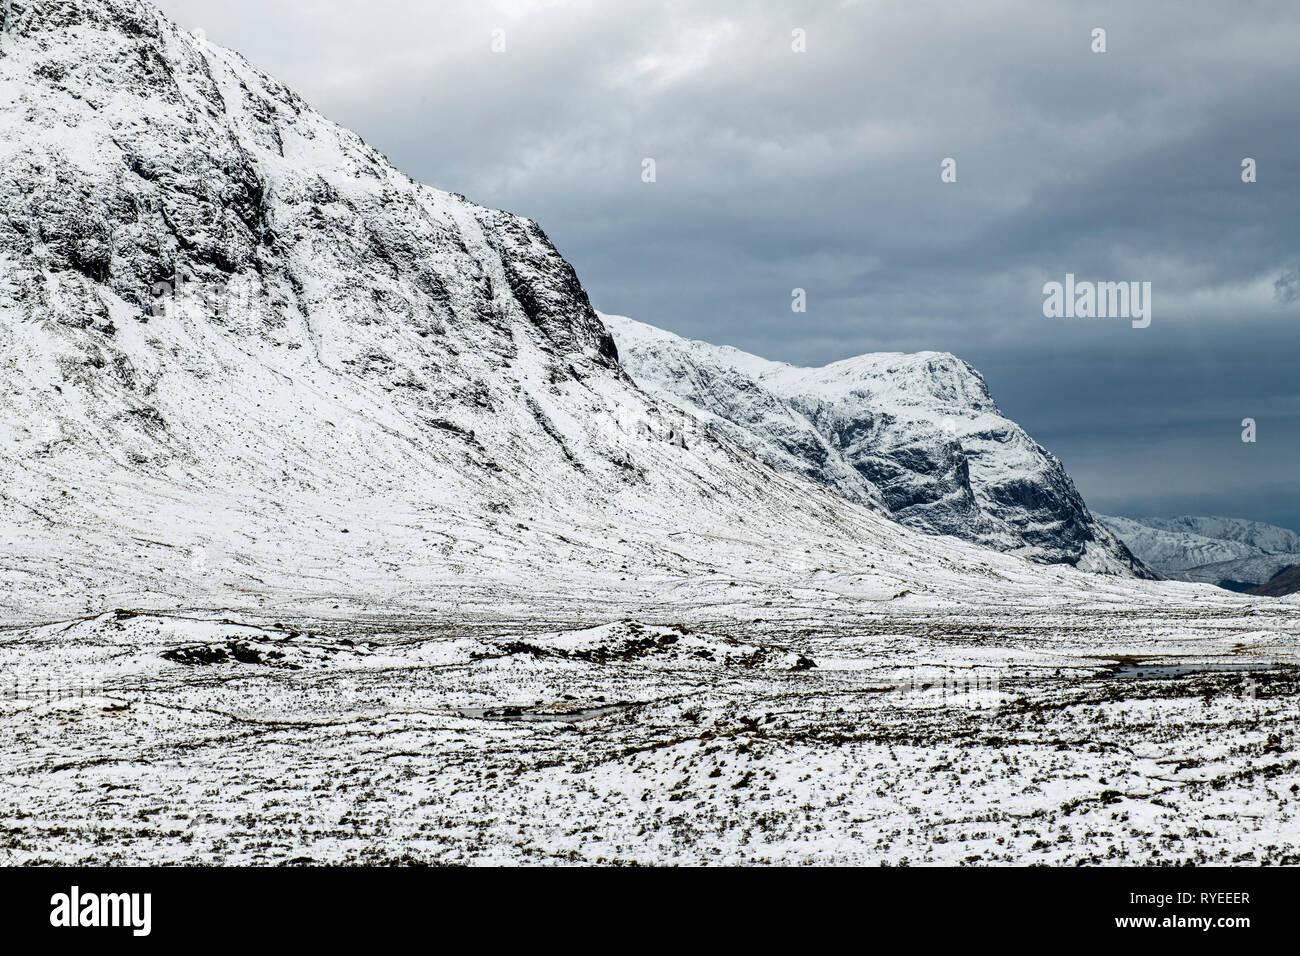 La valle e grags di Glencoe in colori invernali in Scozia. Fotografato in febbraio Foto Stock